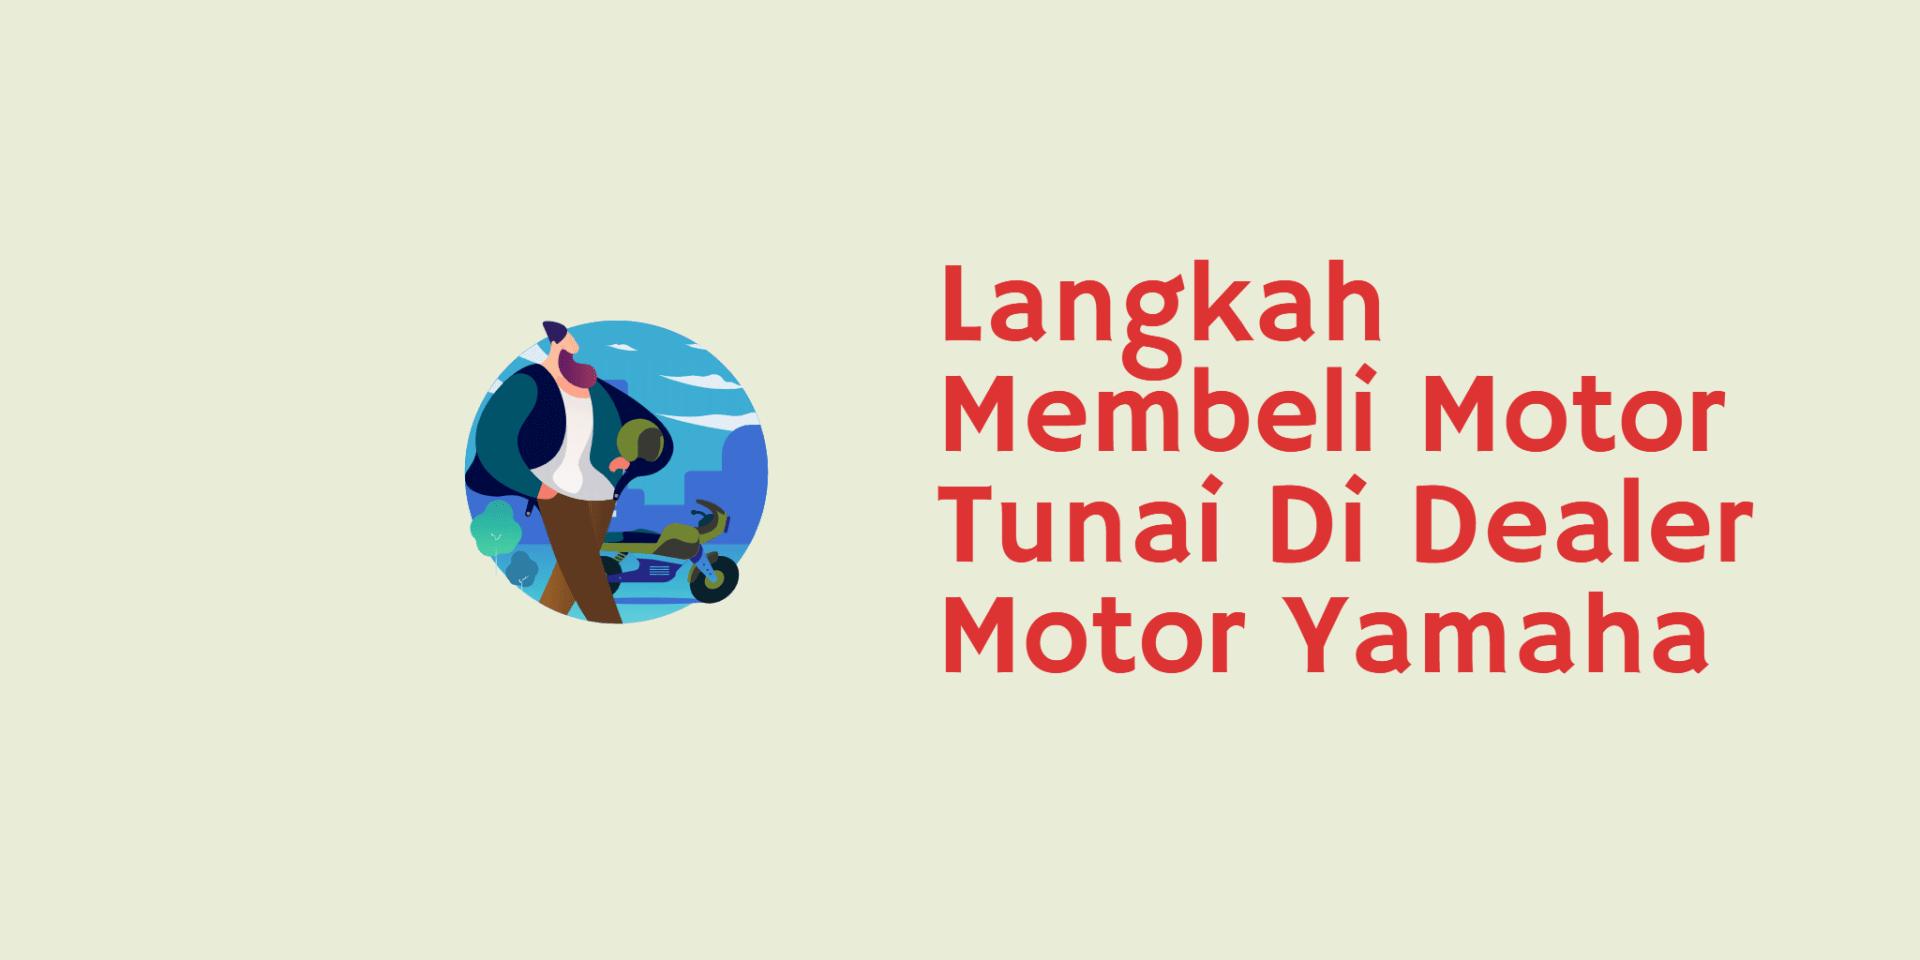 Langkah Membeli Motor Tunai Di Dealer Motor Yamaha